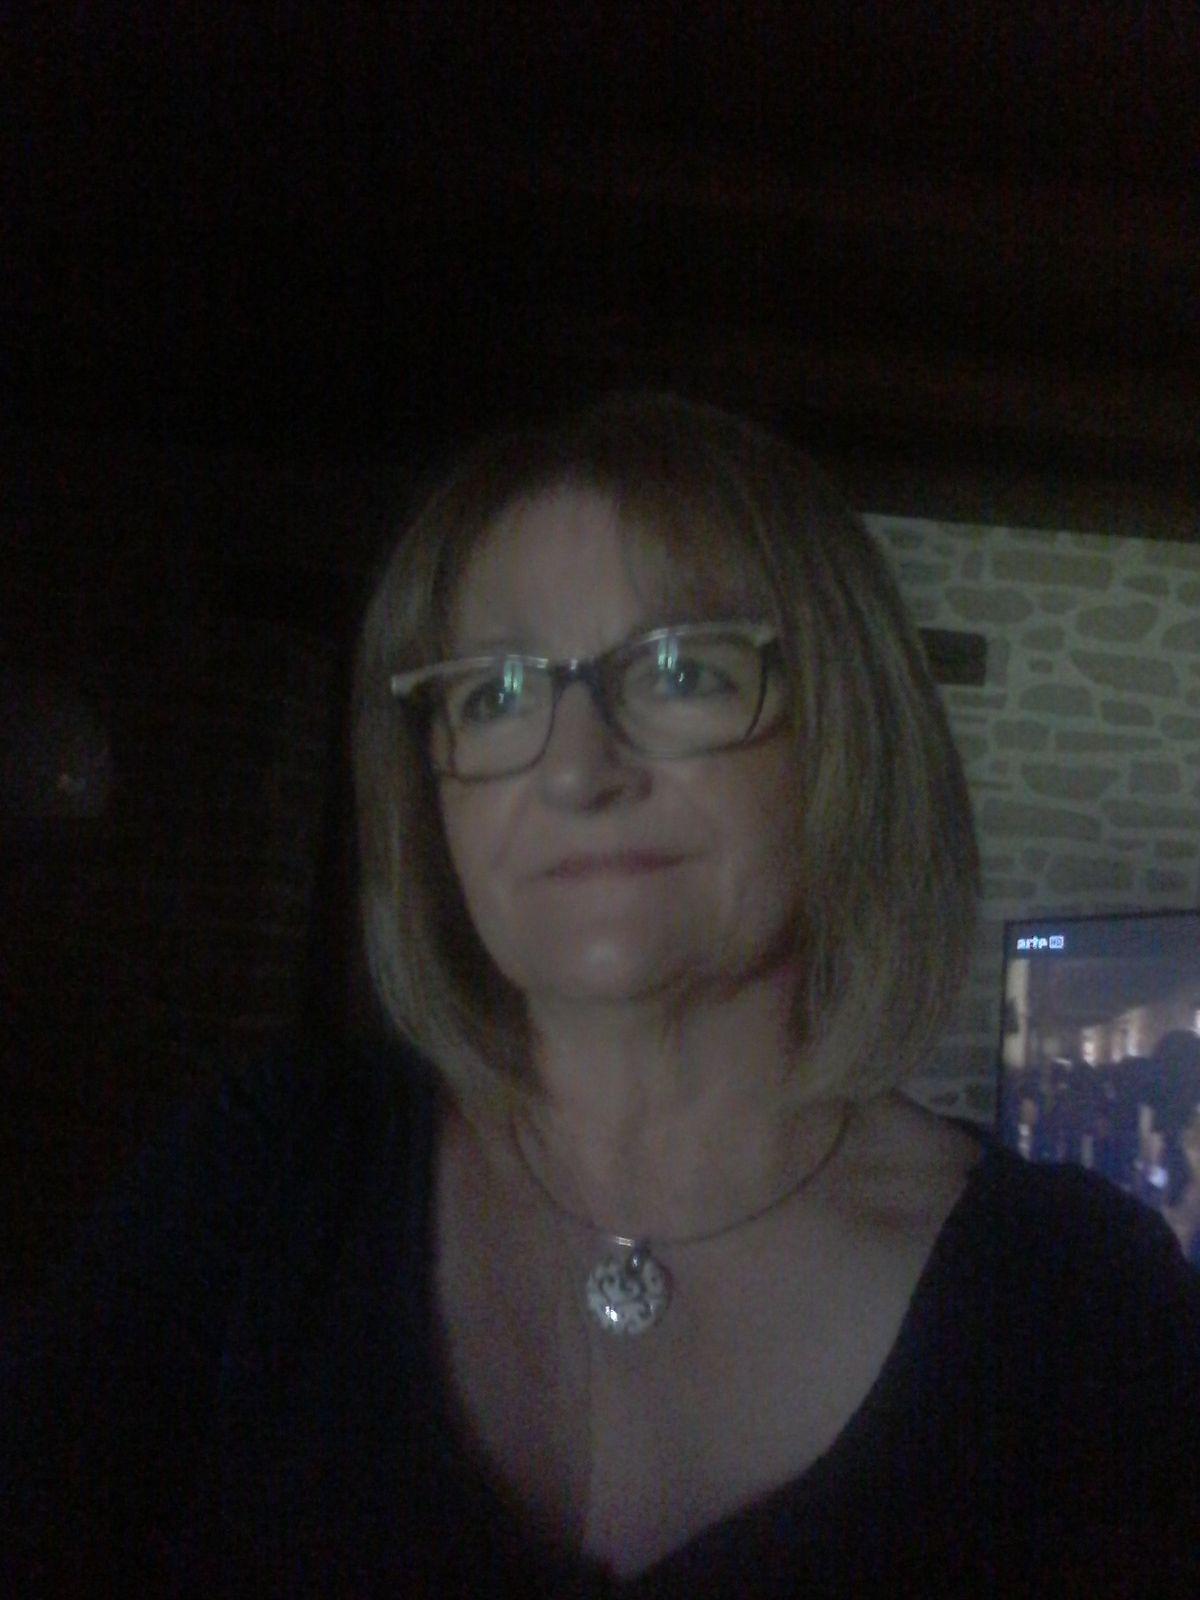 Et là Brigitte qui se fera un plaisir de vous accueillir 51G485 - Chez Bri-Gîte - Loisy sur Marne - Gîtes de France Marne